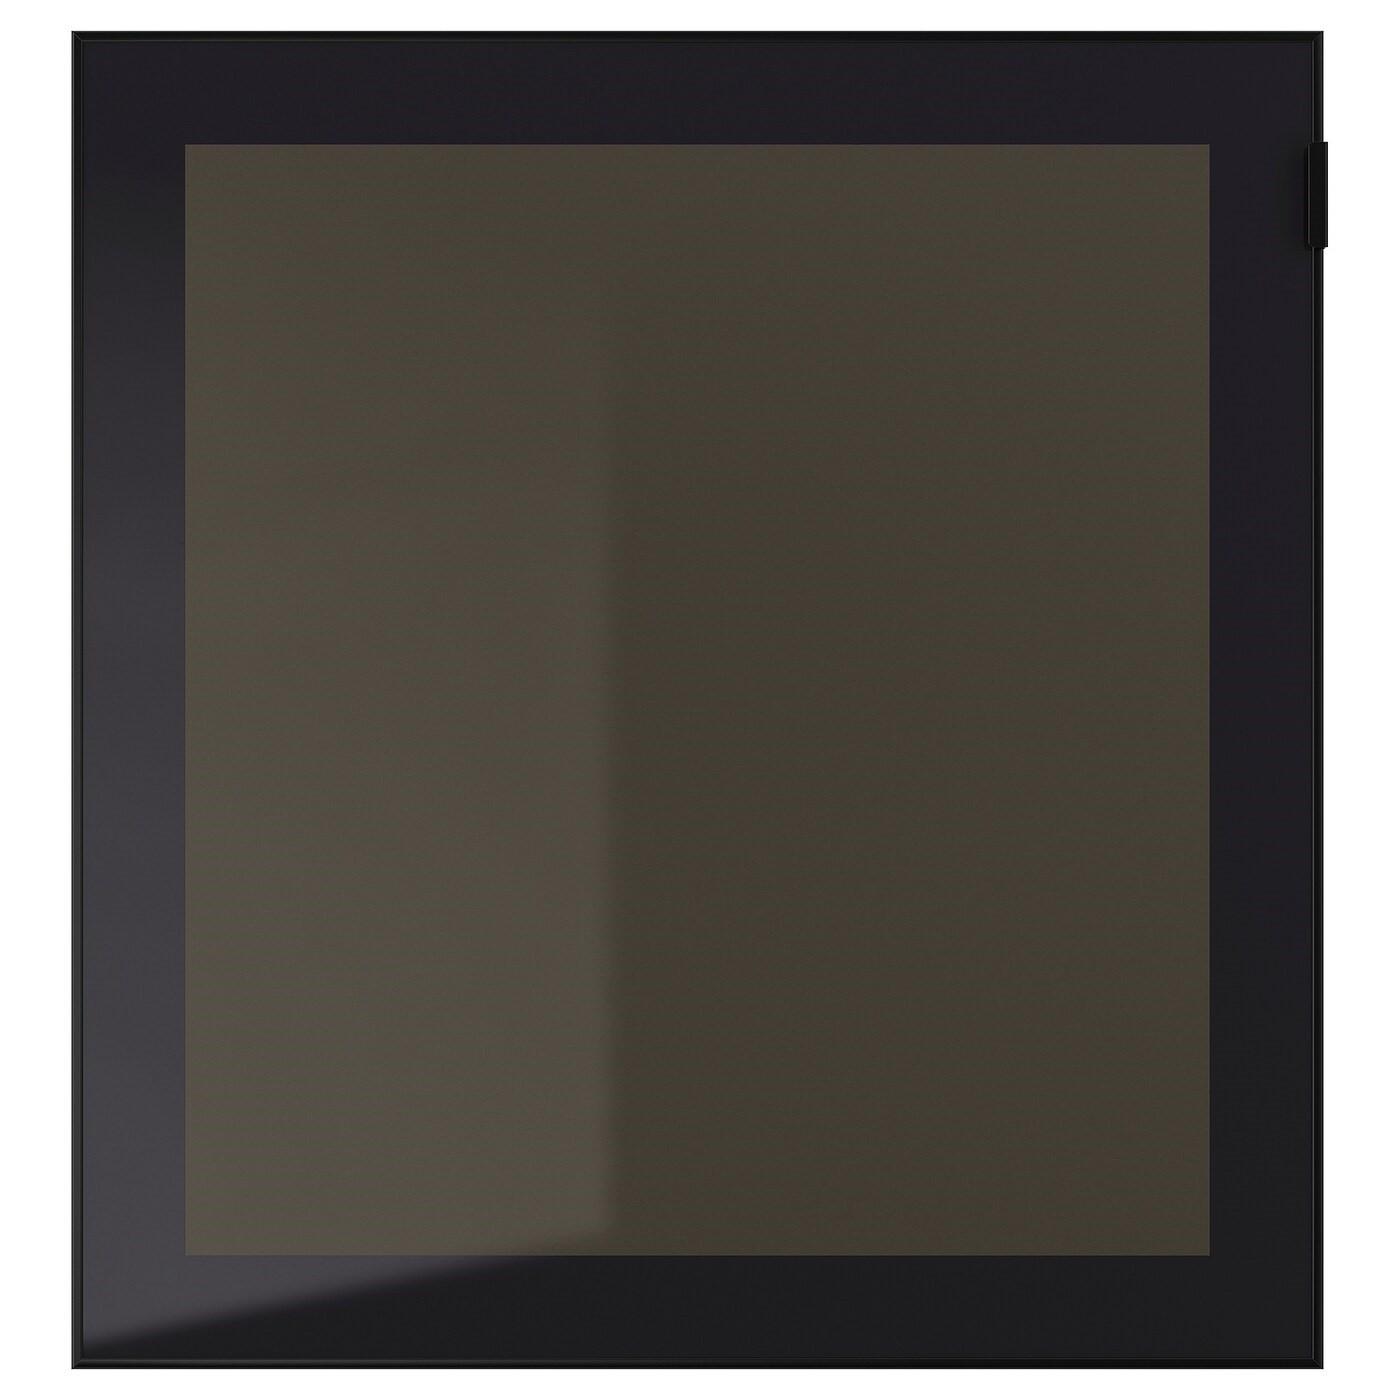 IKEA ГЛАСВИК Стеклянная дверь, черный, дымчатое стекло, 60x64 см 902.916.60